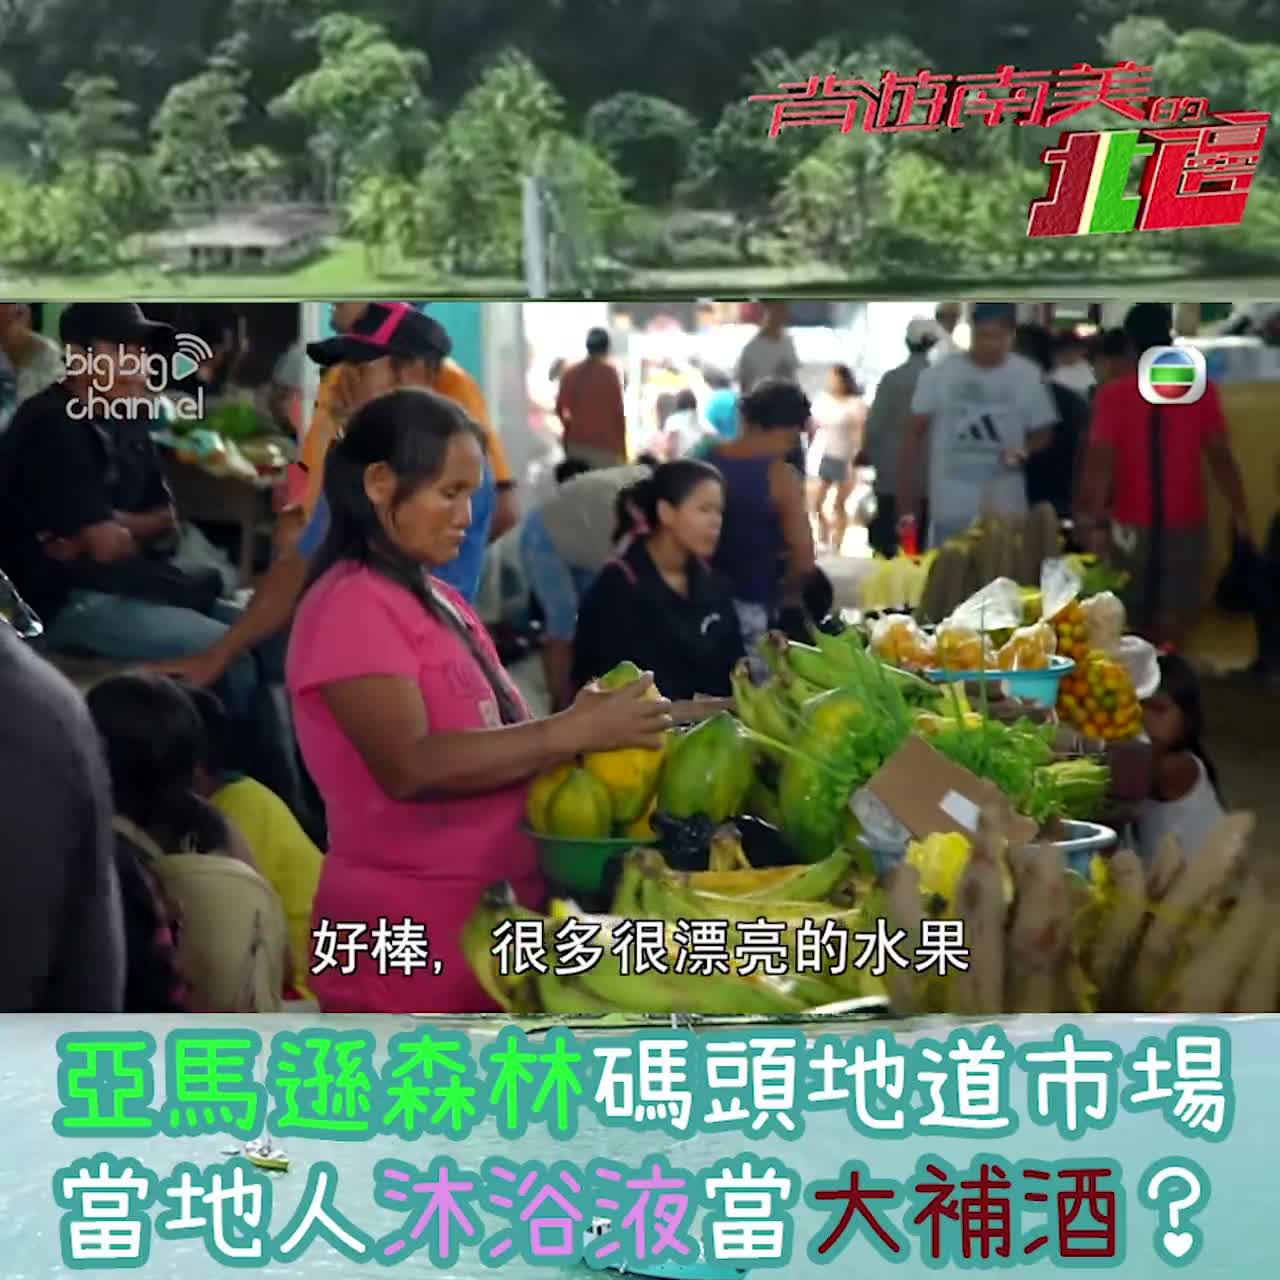 亞馬遜森林碼頭地道市場 當地人沐浴液當大補酒?